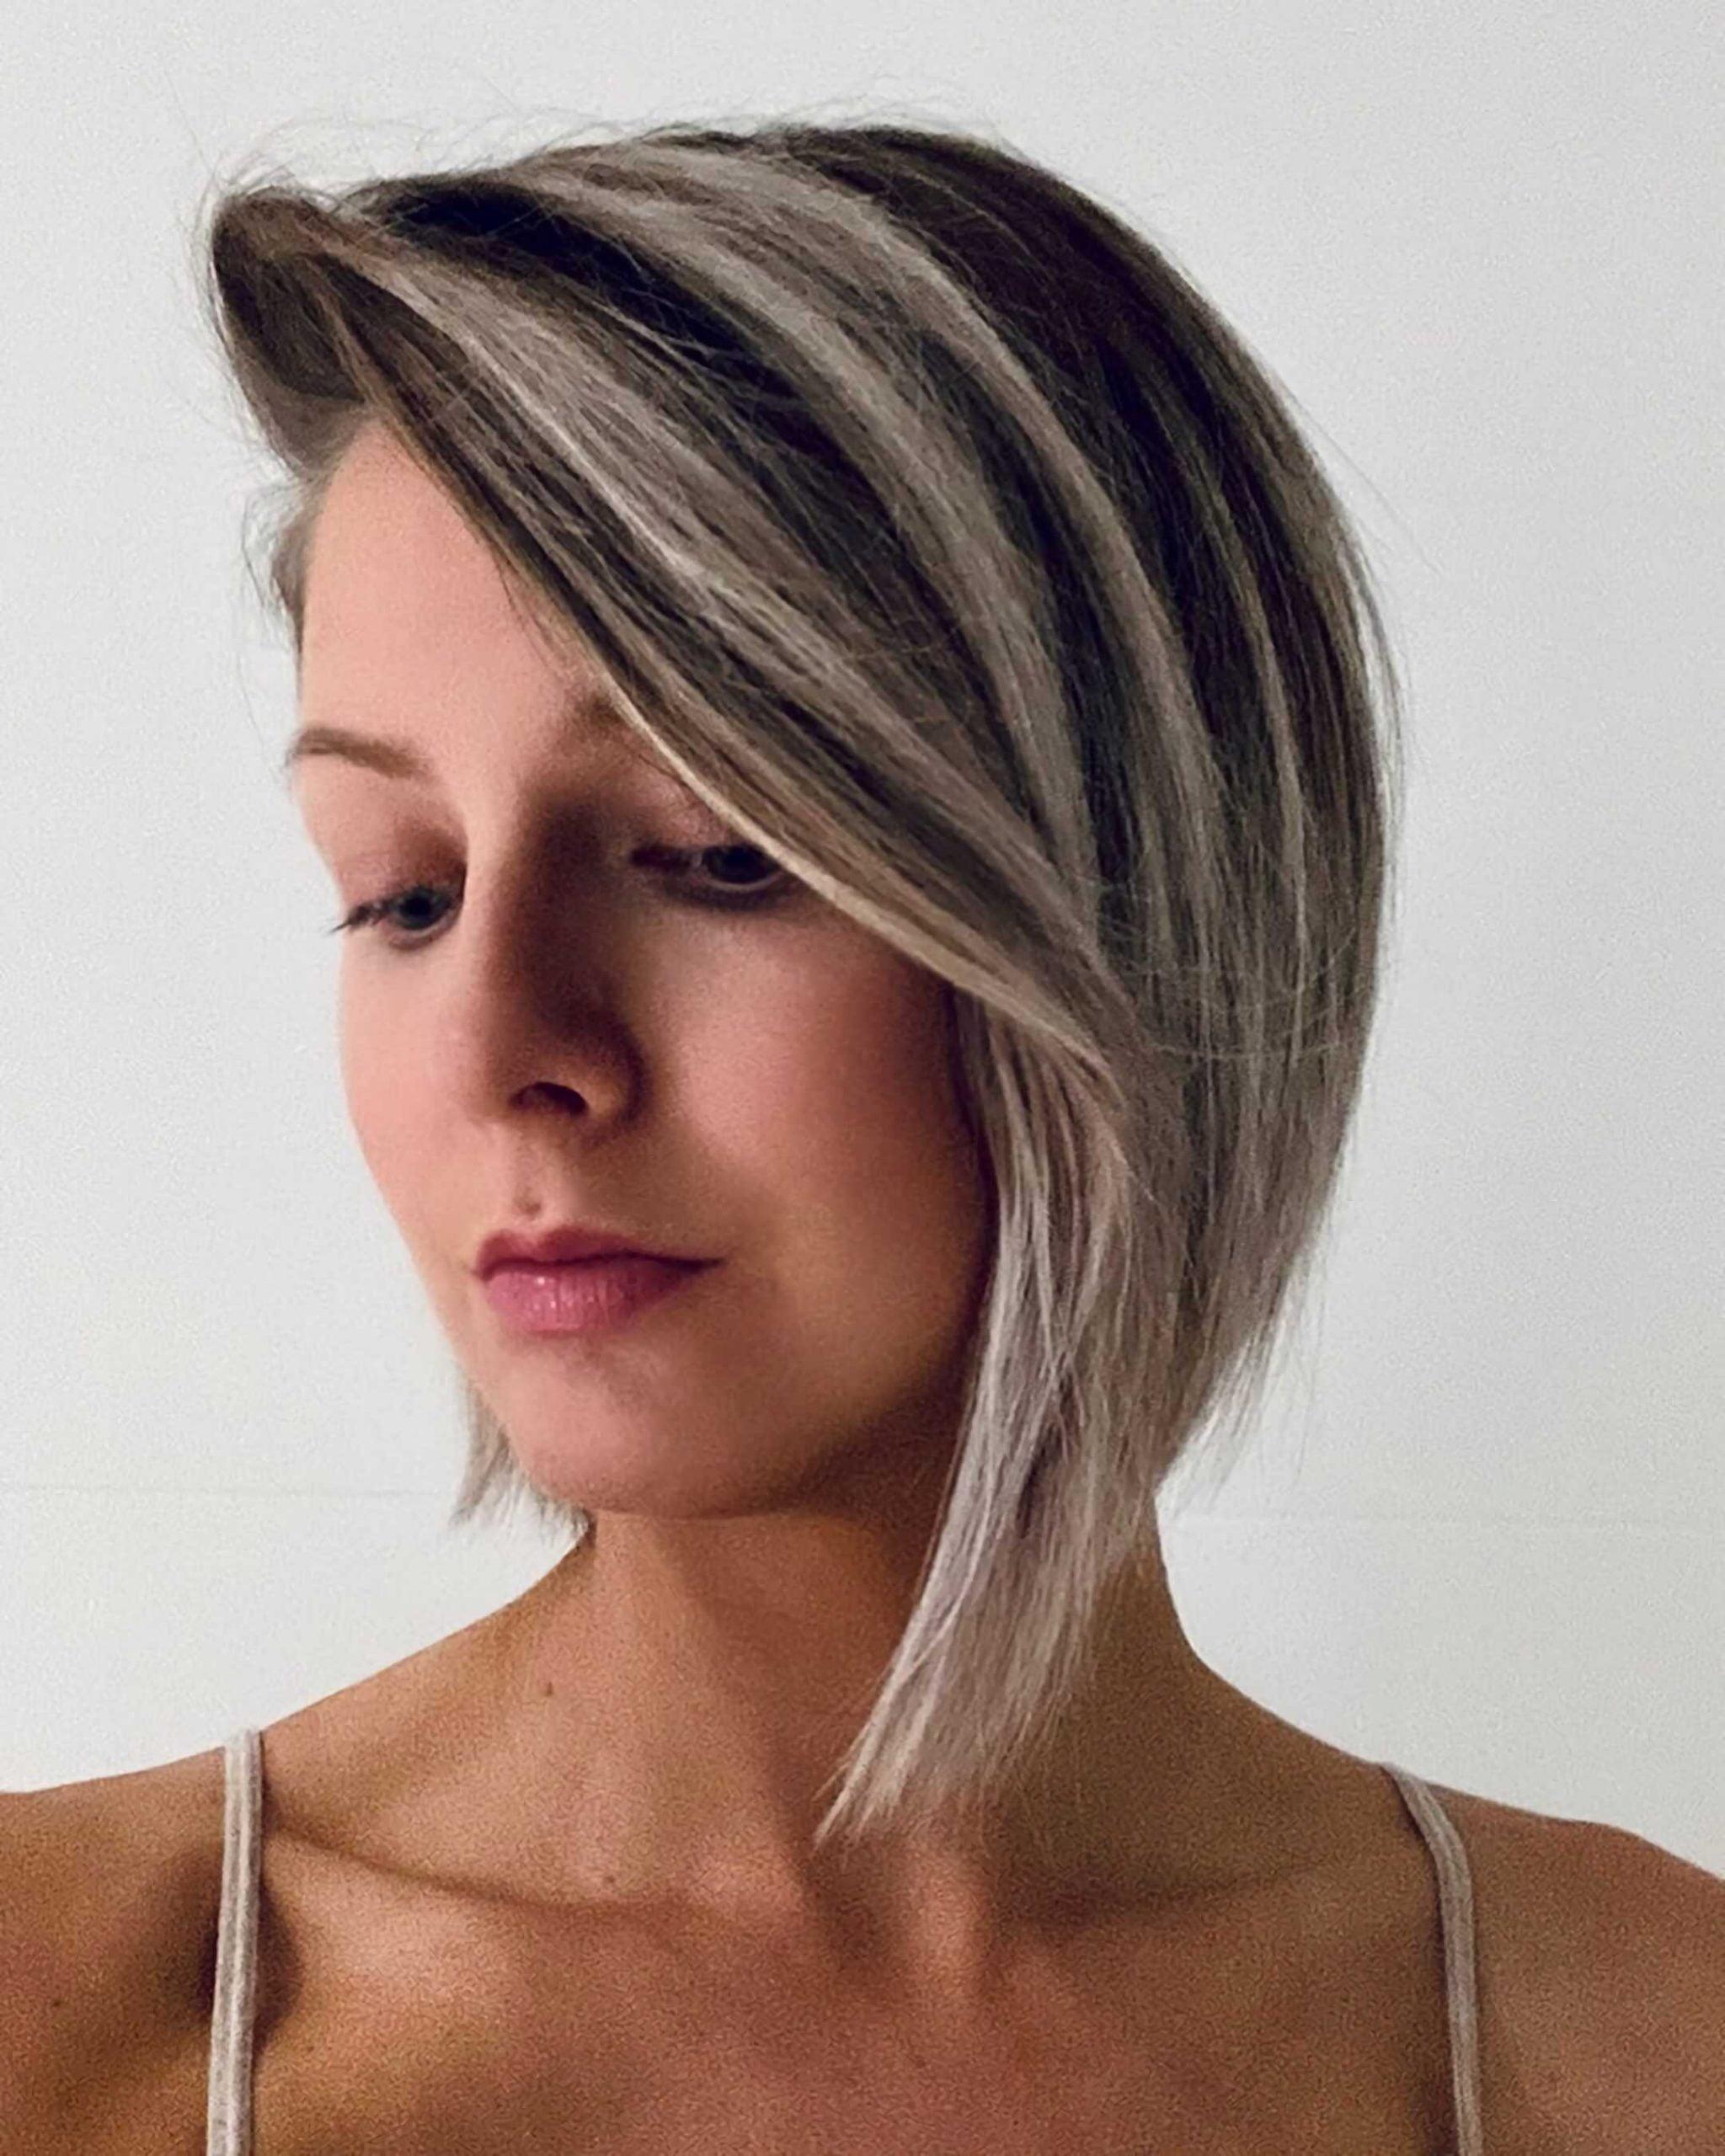 стильный асимметрический боб на средние волосы